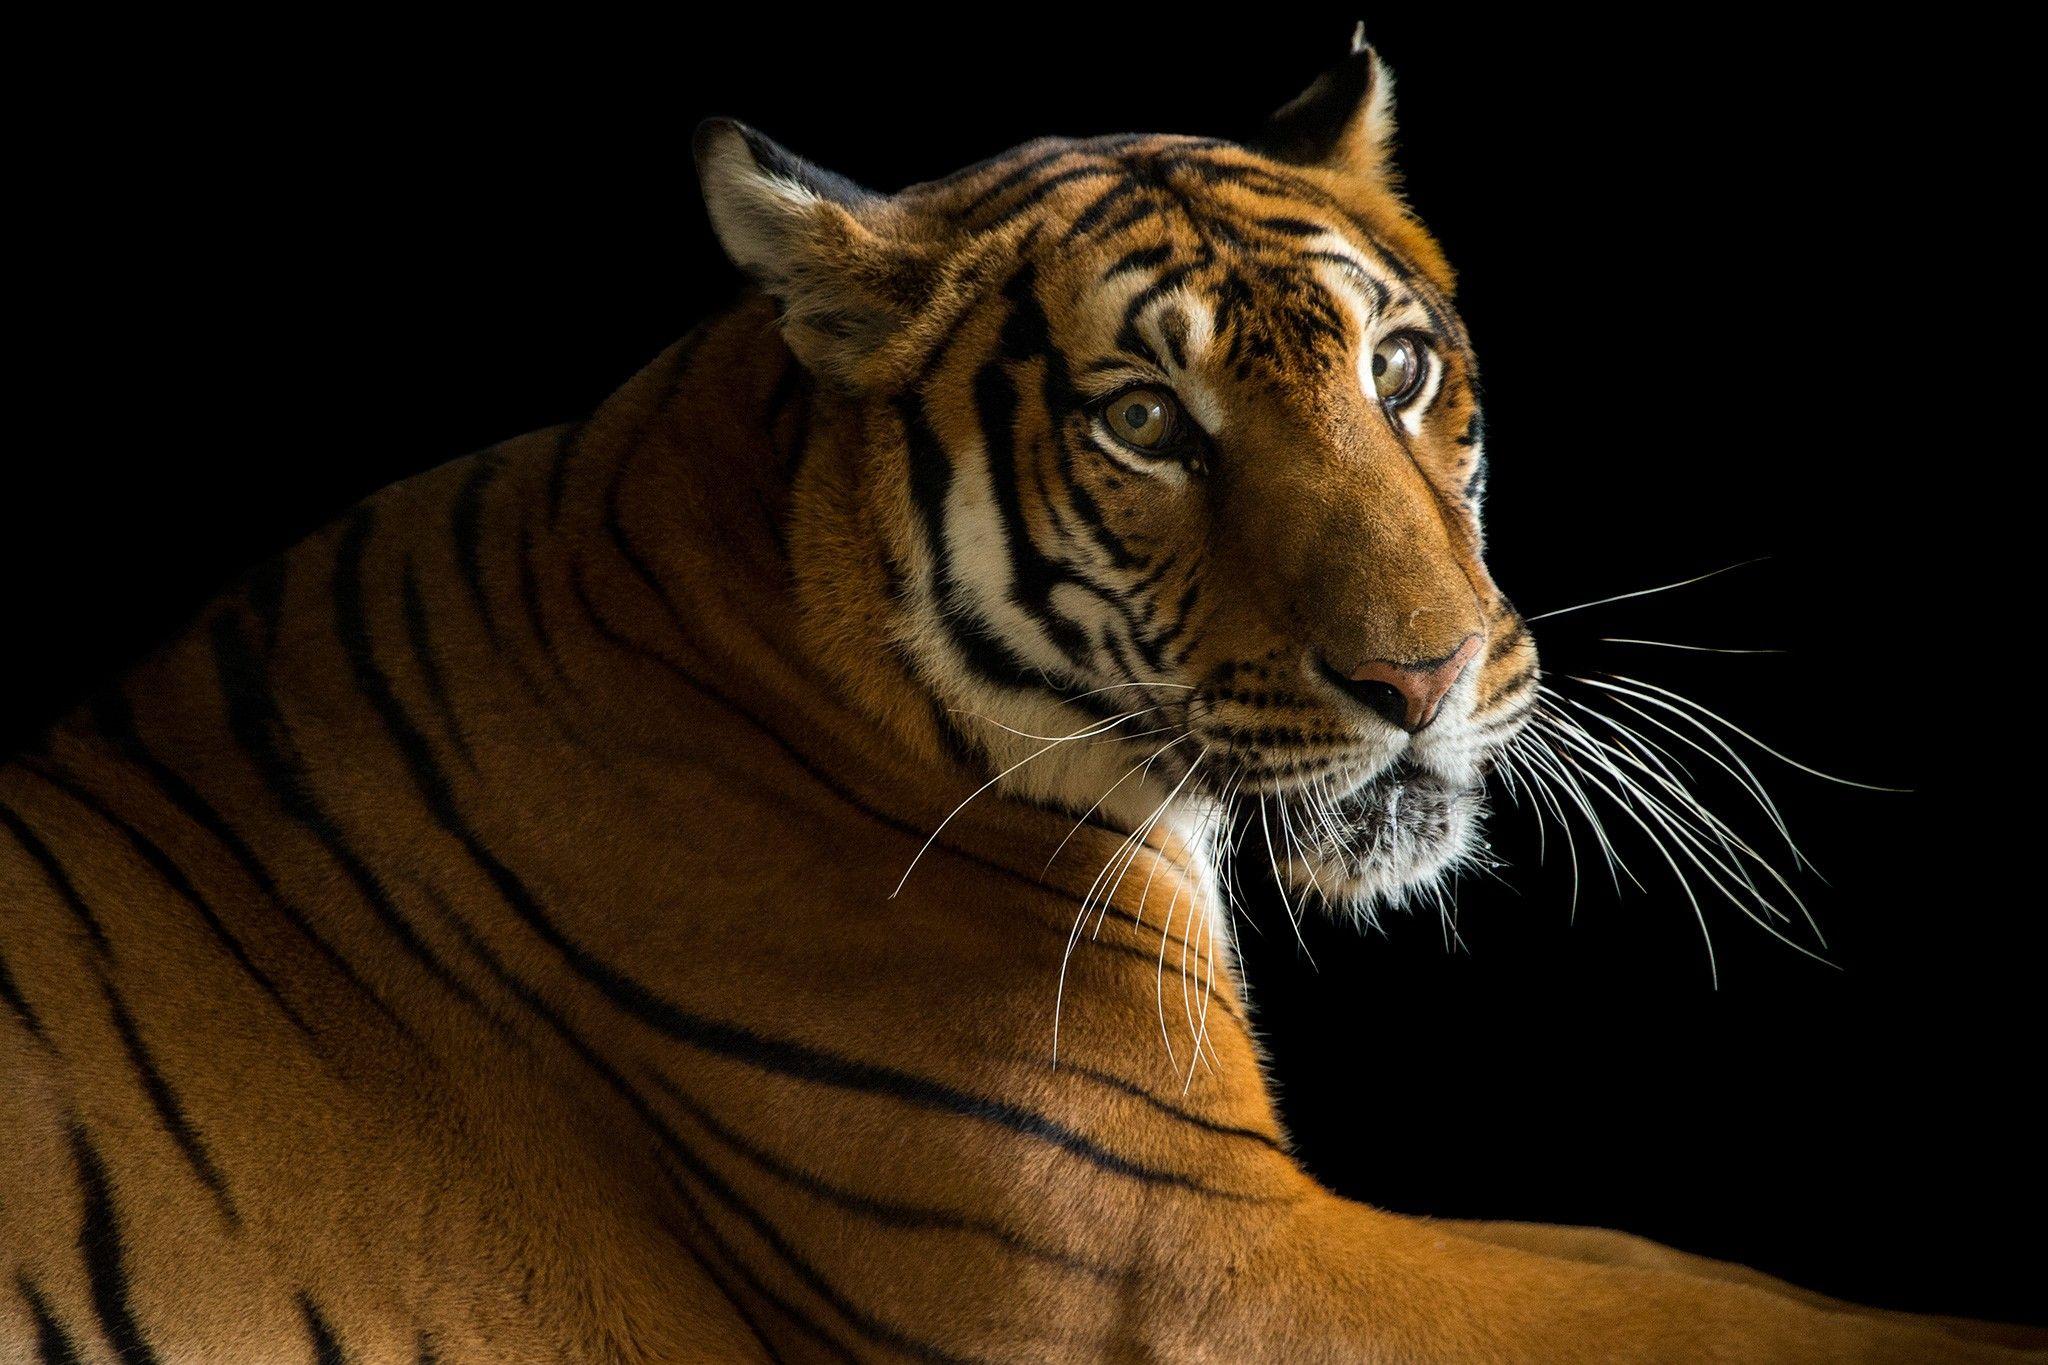 Ces animaux pourraient bientôt disparaître   National Geographic